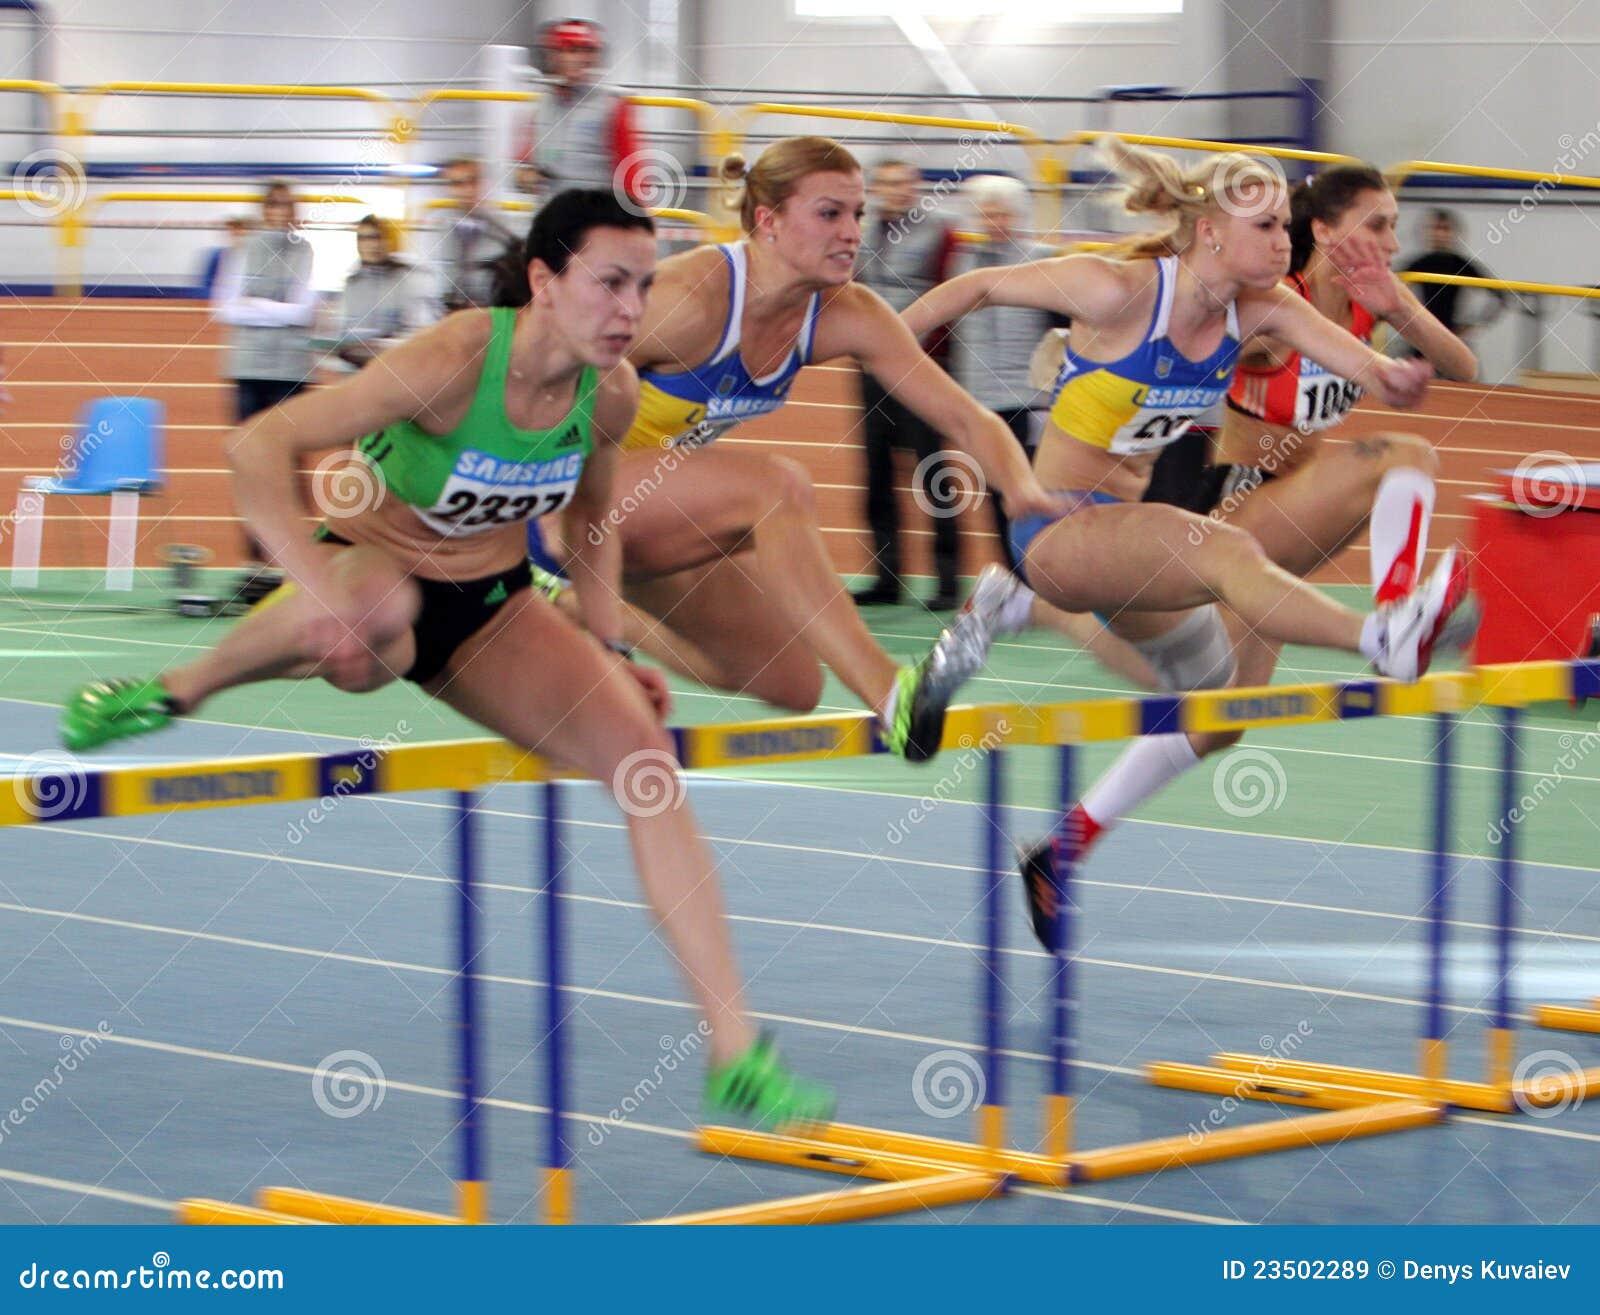 Muchachas en la carrera de vallas imagen de archivo for Imagen de vallas